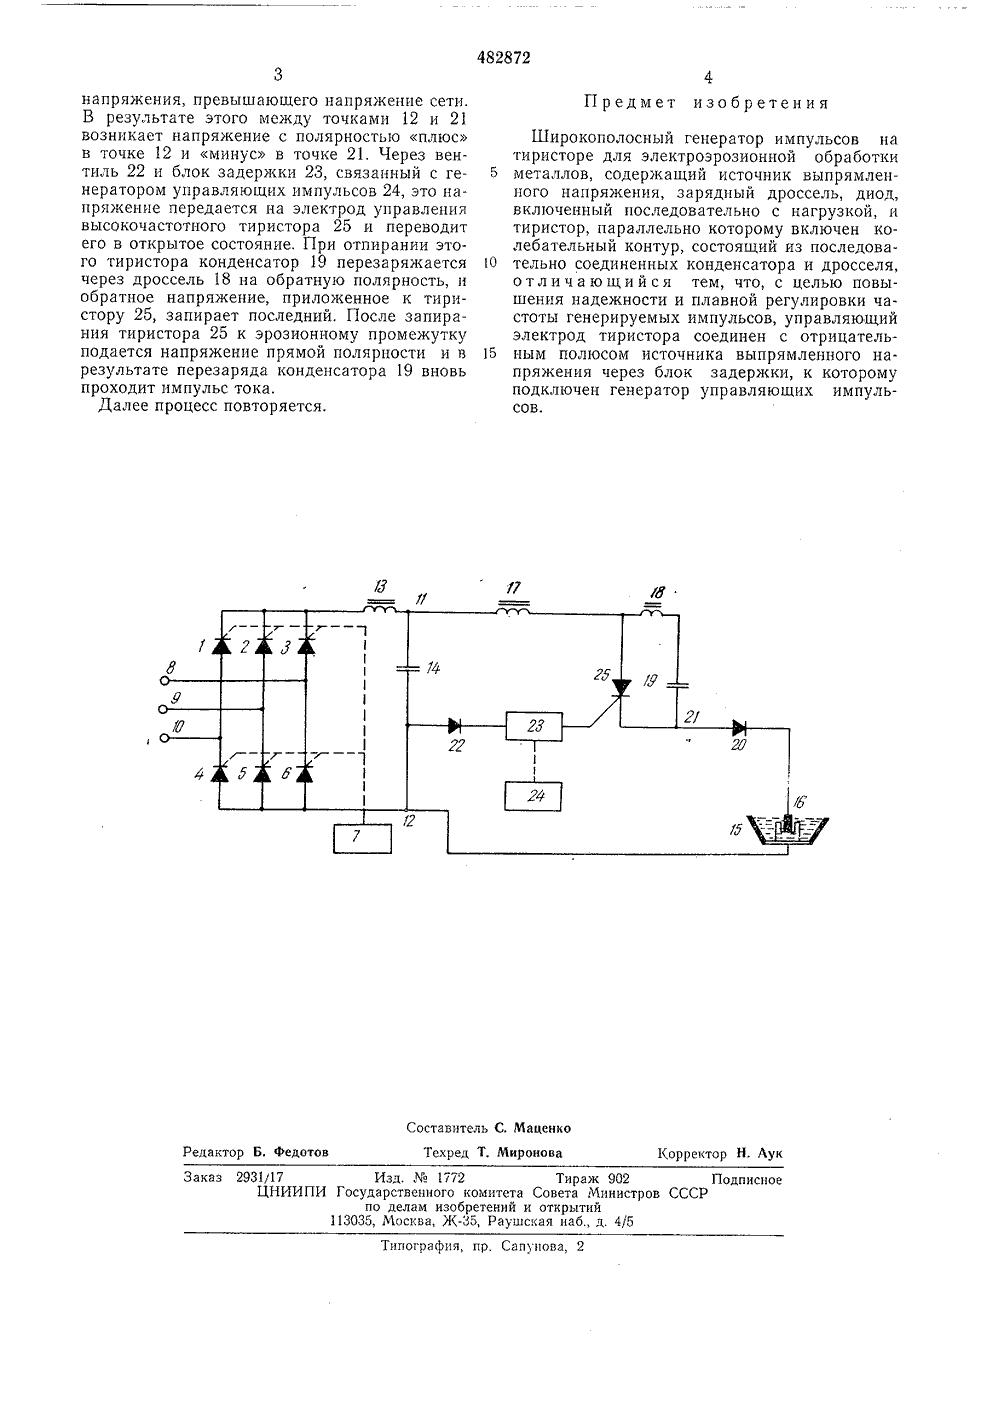 Схема высокочастотного генератора на тиристоре